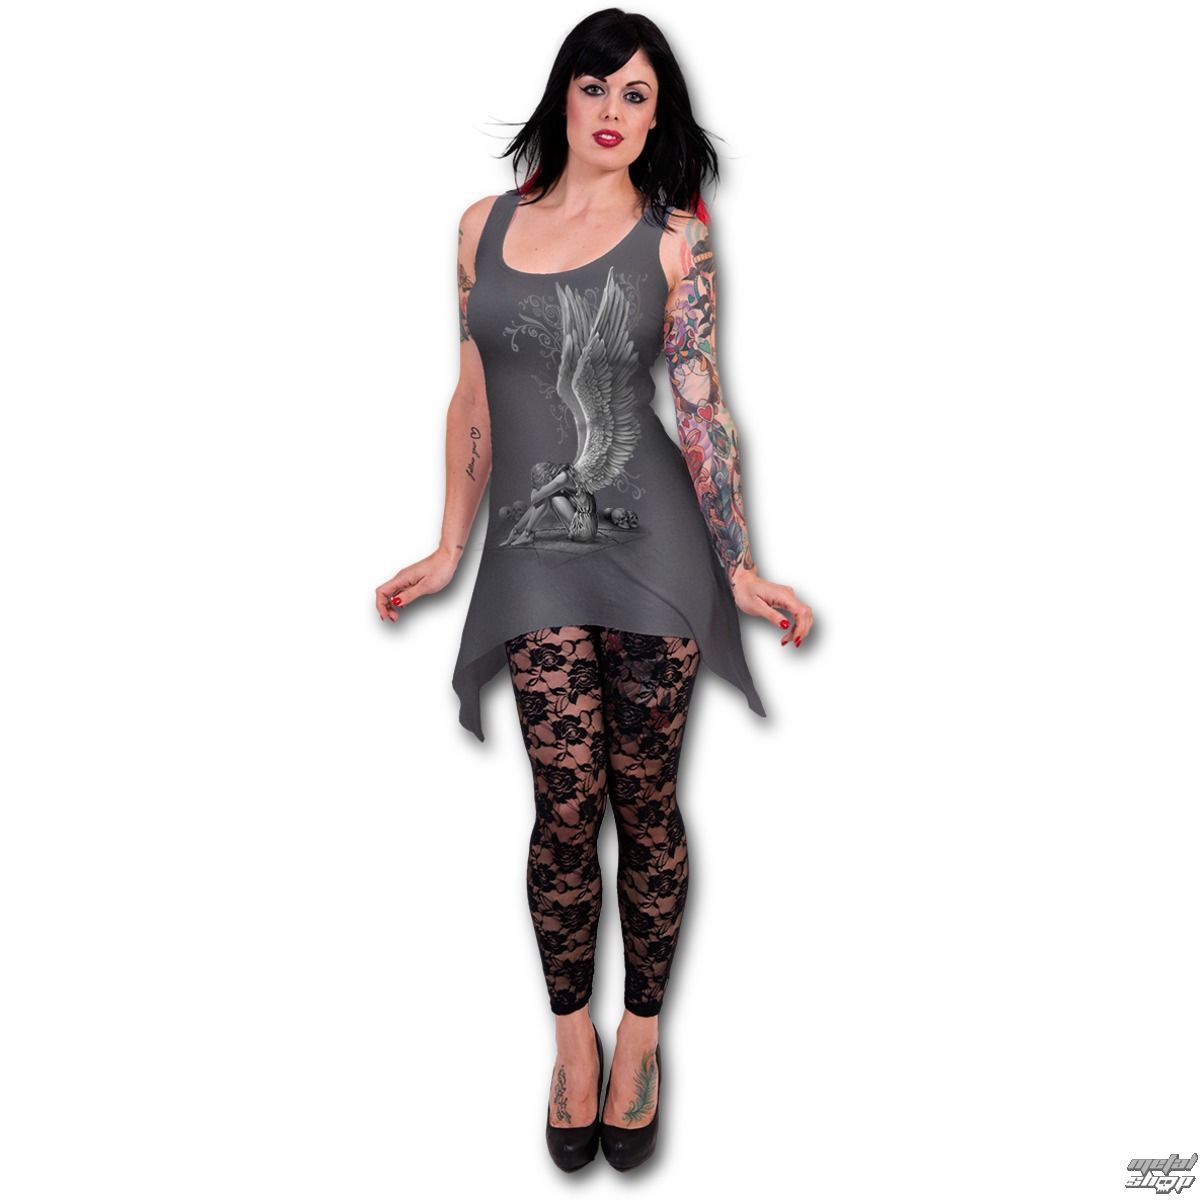 šaty dámske (top) SPIRAL - Enslaved Angel - D024F128 - metalshop.sk e9c0a6f182d